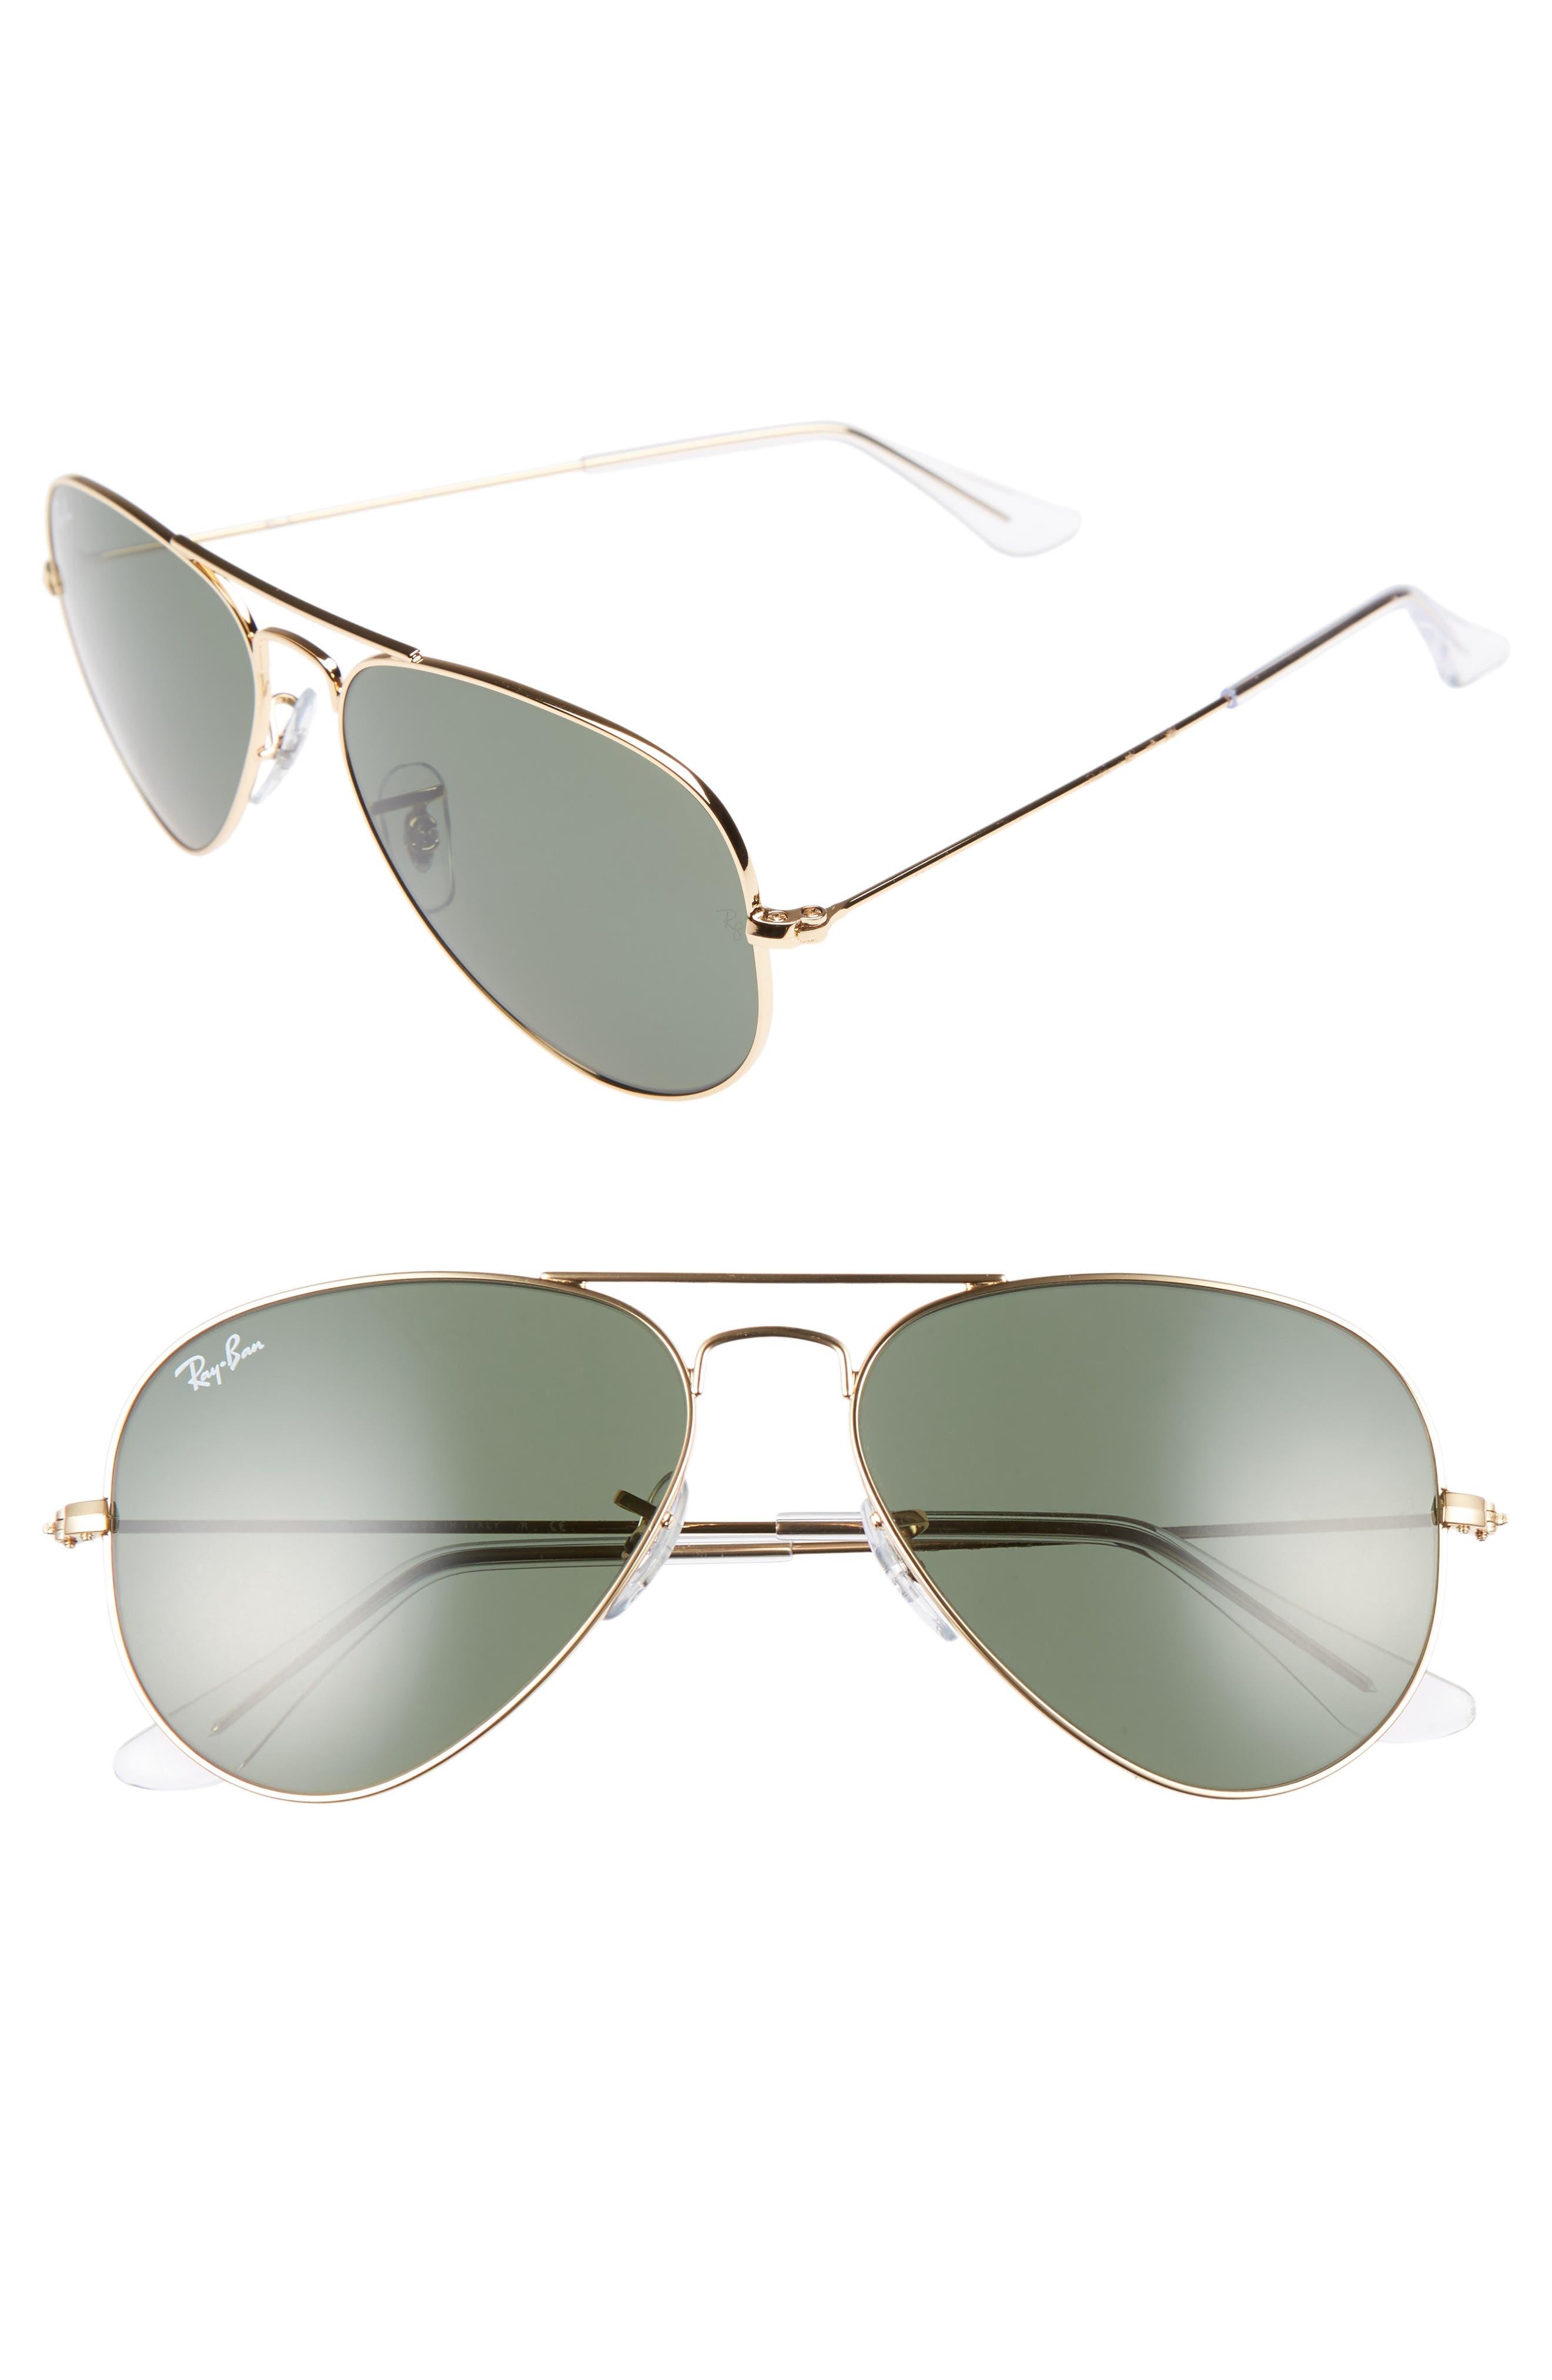 RAY-BAN, Small Original 55mm Aviator Sunglasses, Main thumbnail 1, color, GOLD/GREEN